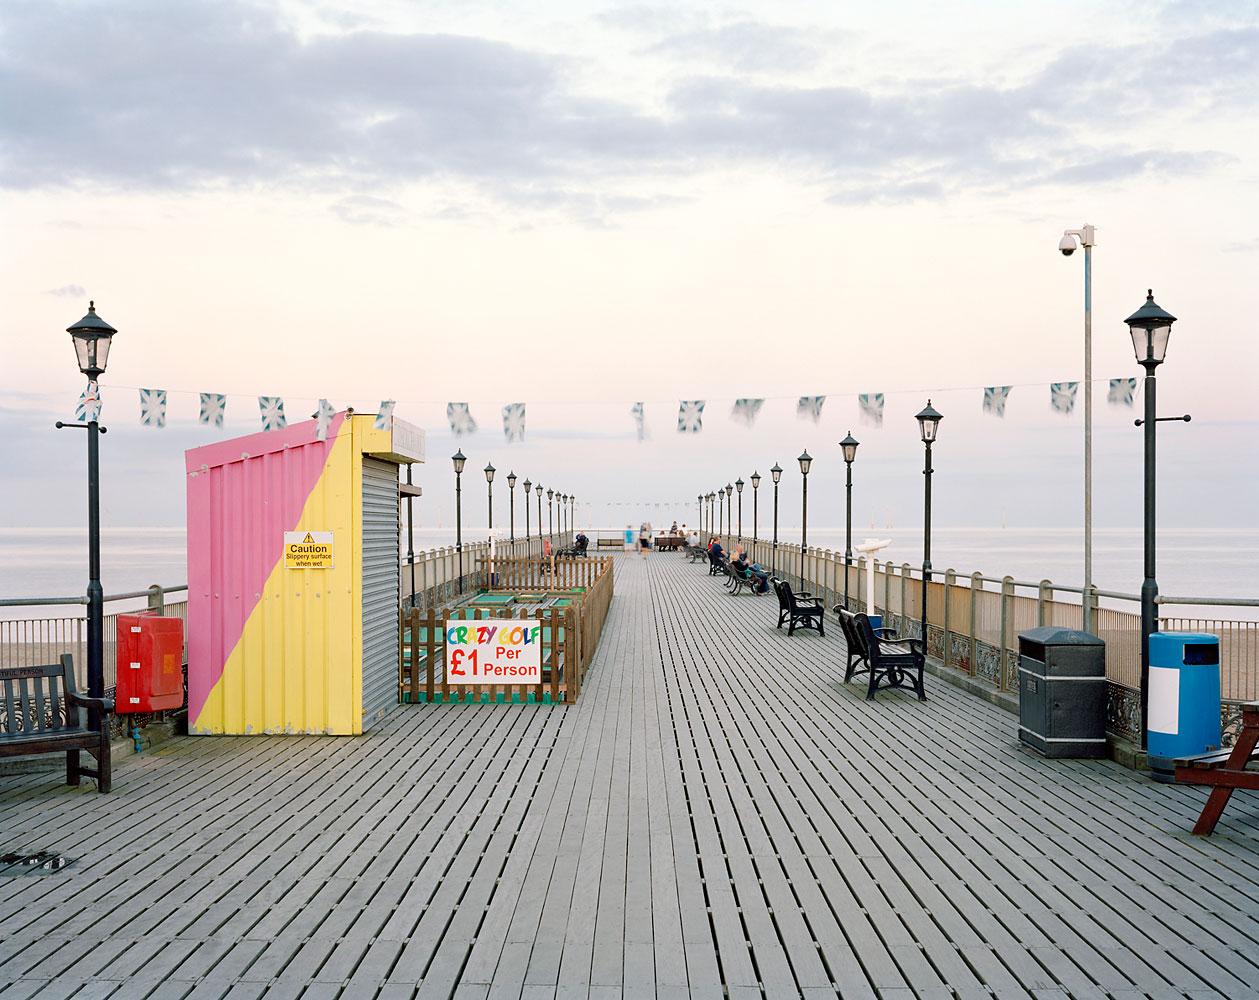 Skegness Pier, Lincolnshire, September 2012